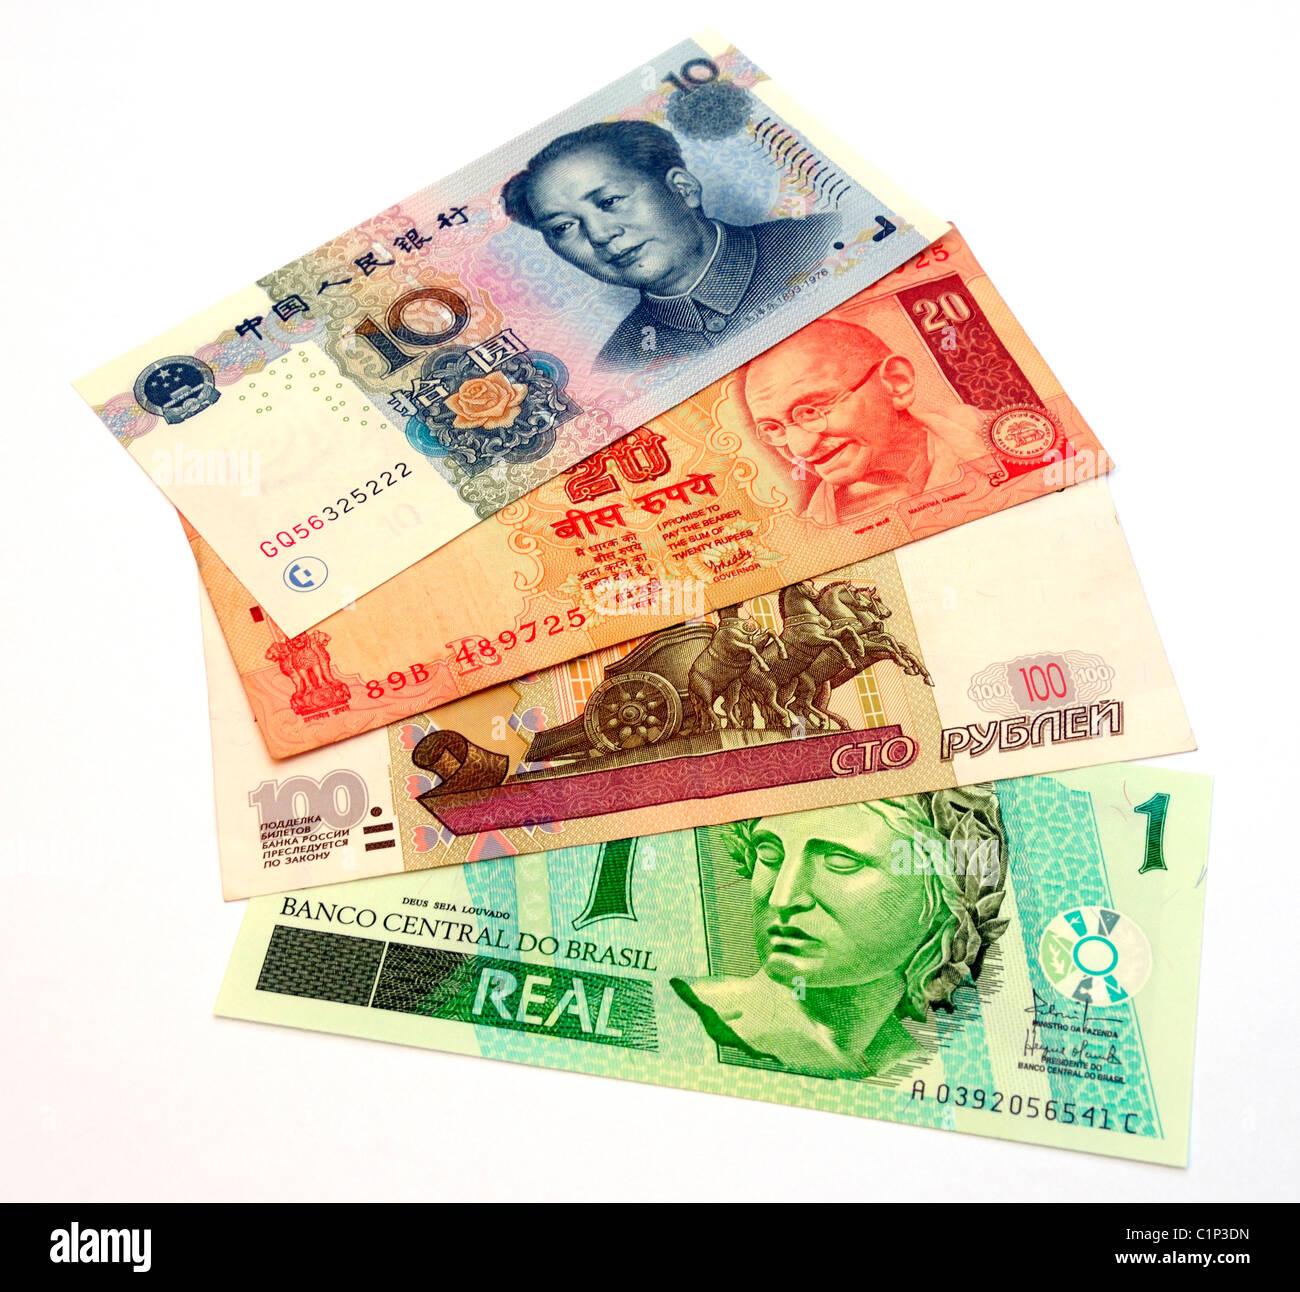 Der Euro-Dollar-Kurs hatte sein historisches Tief bei 0, und sein historisches Hoch bei 1,